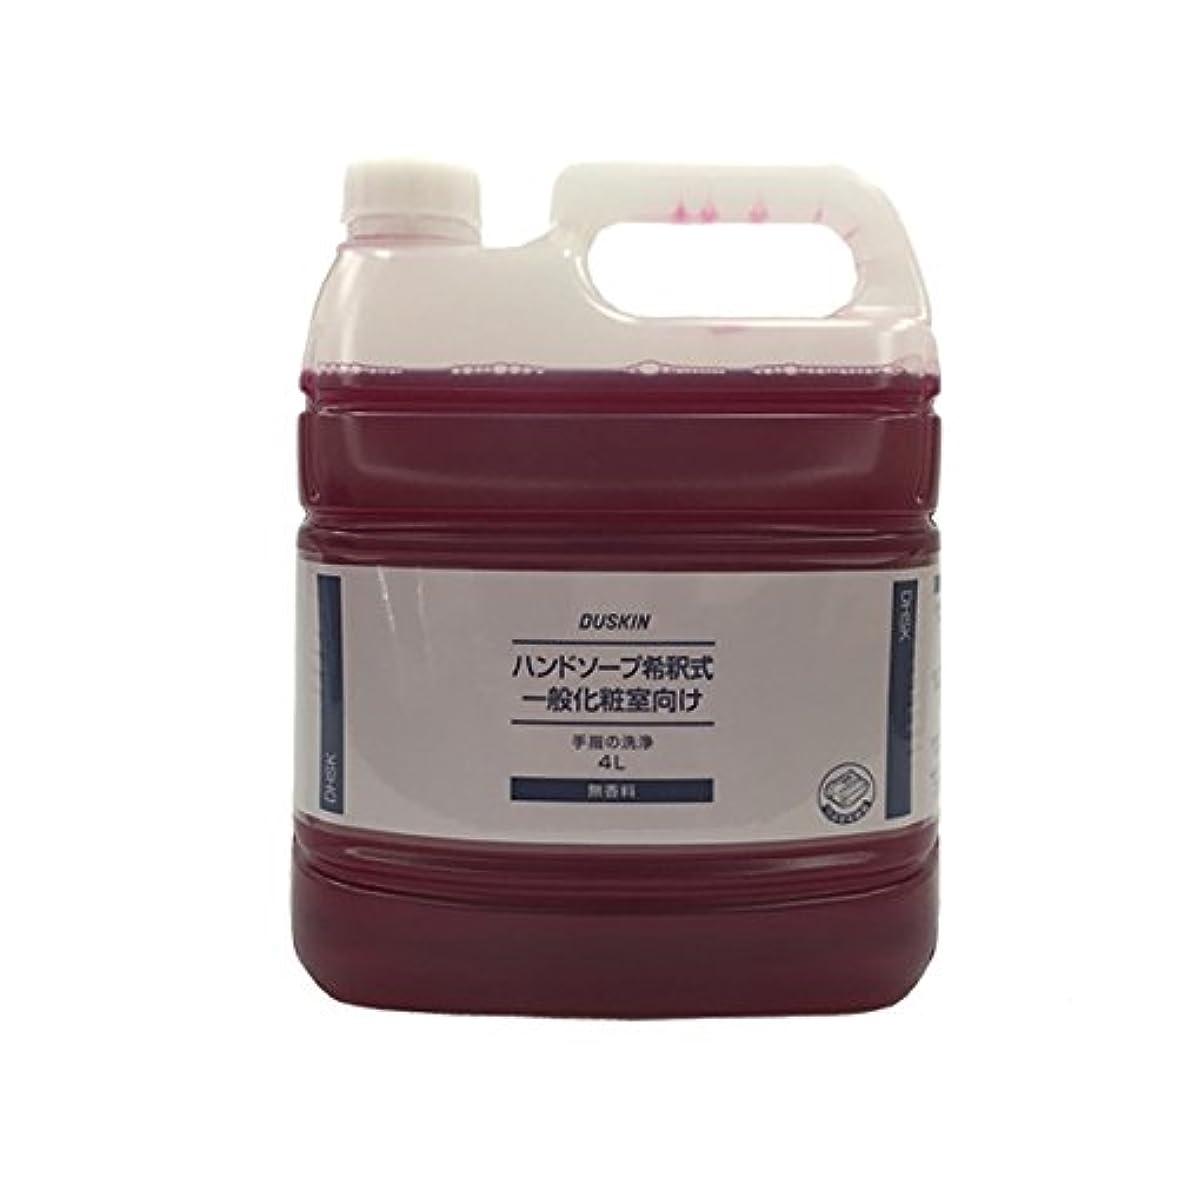 イヤホンランタン反毒ダスキン ハンドソープ 希釈式 一般化粧室向け 4L 無香料 プッシュポンプ別売 専用ボトル ハンドスプレー別売